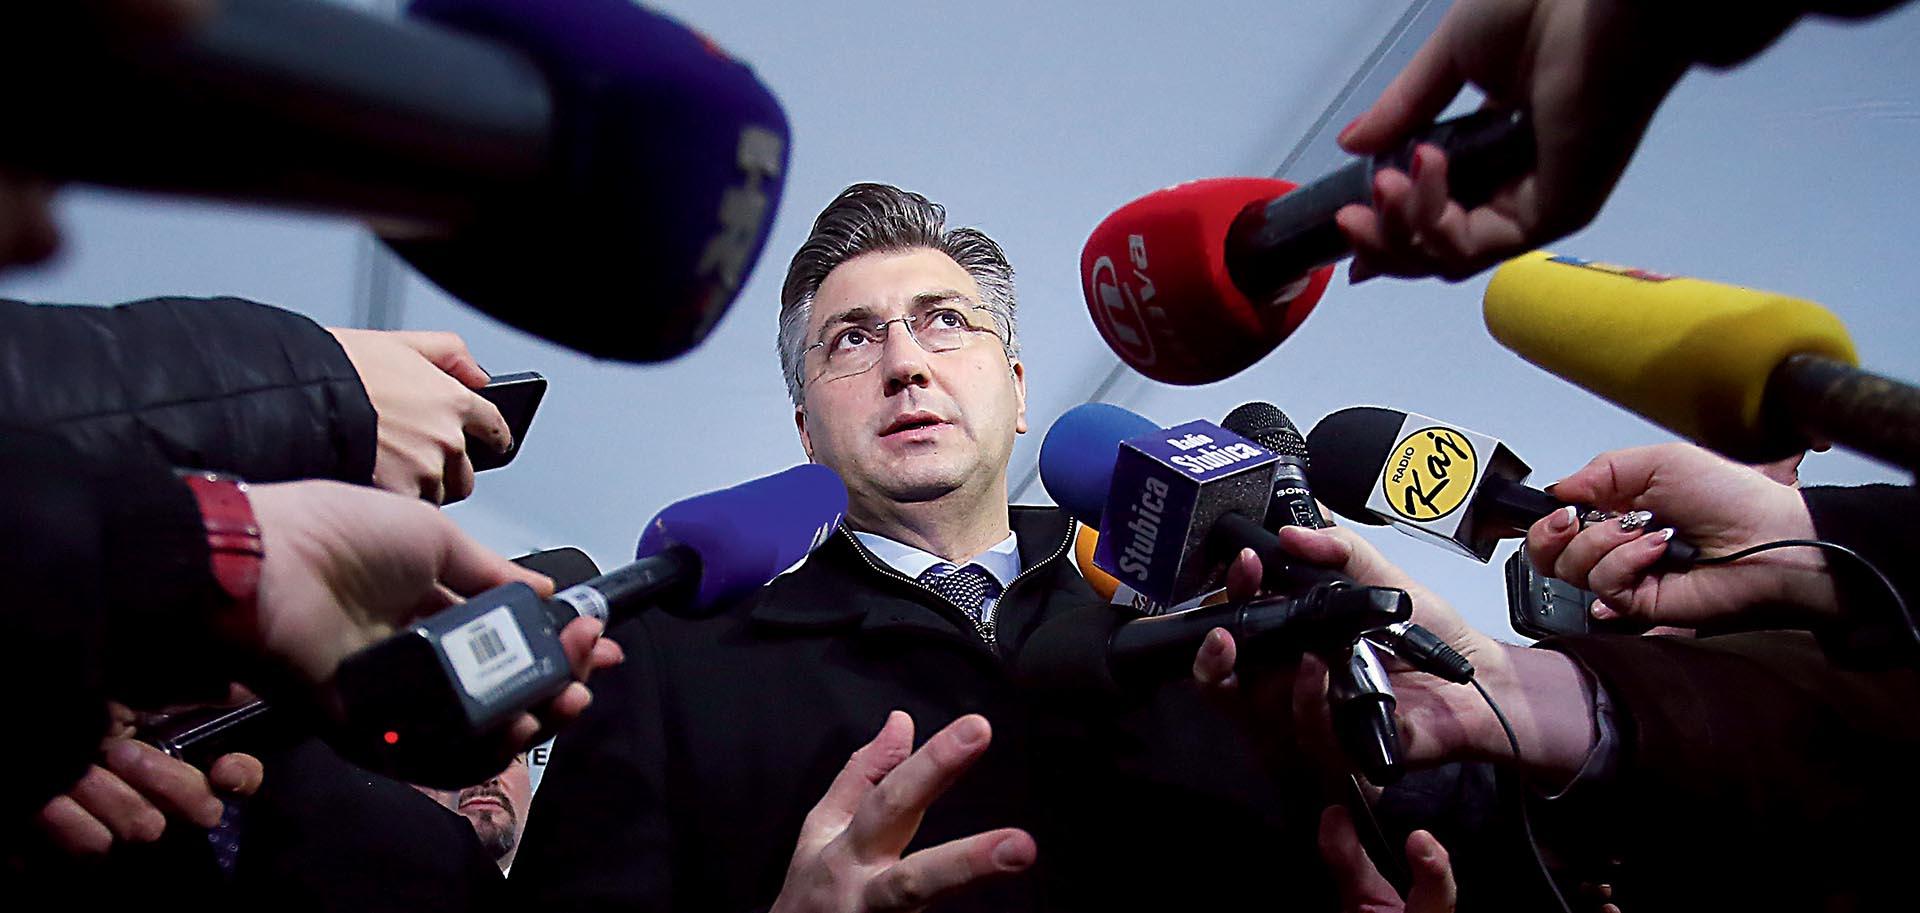 CROBAROMETAR: HDZ prvi, SDP ima najlošiji rejting u tri godine